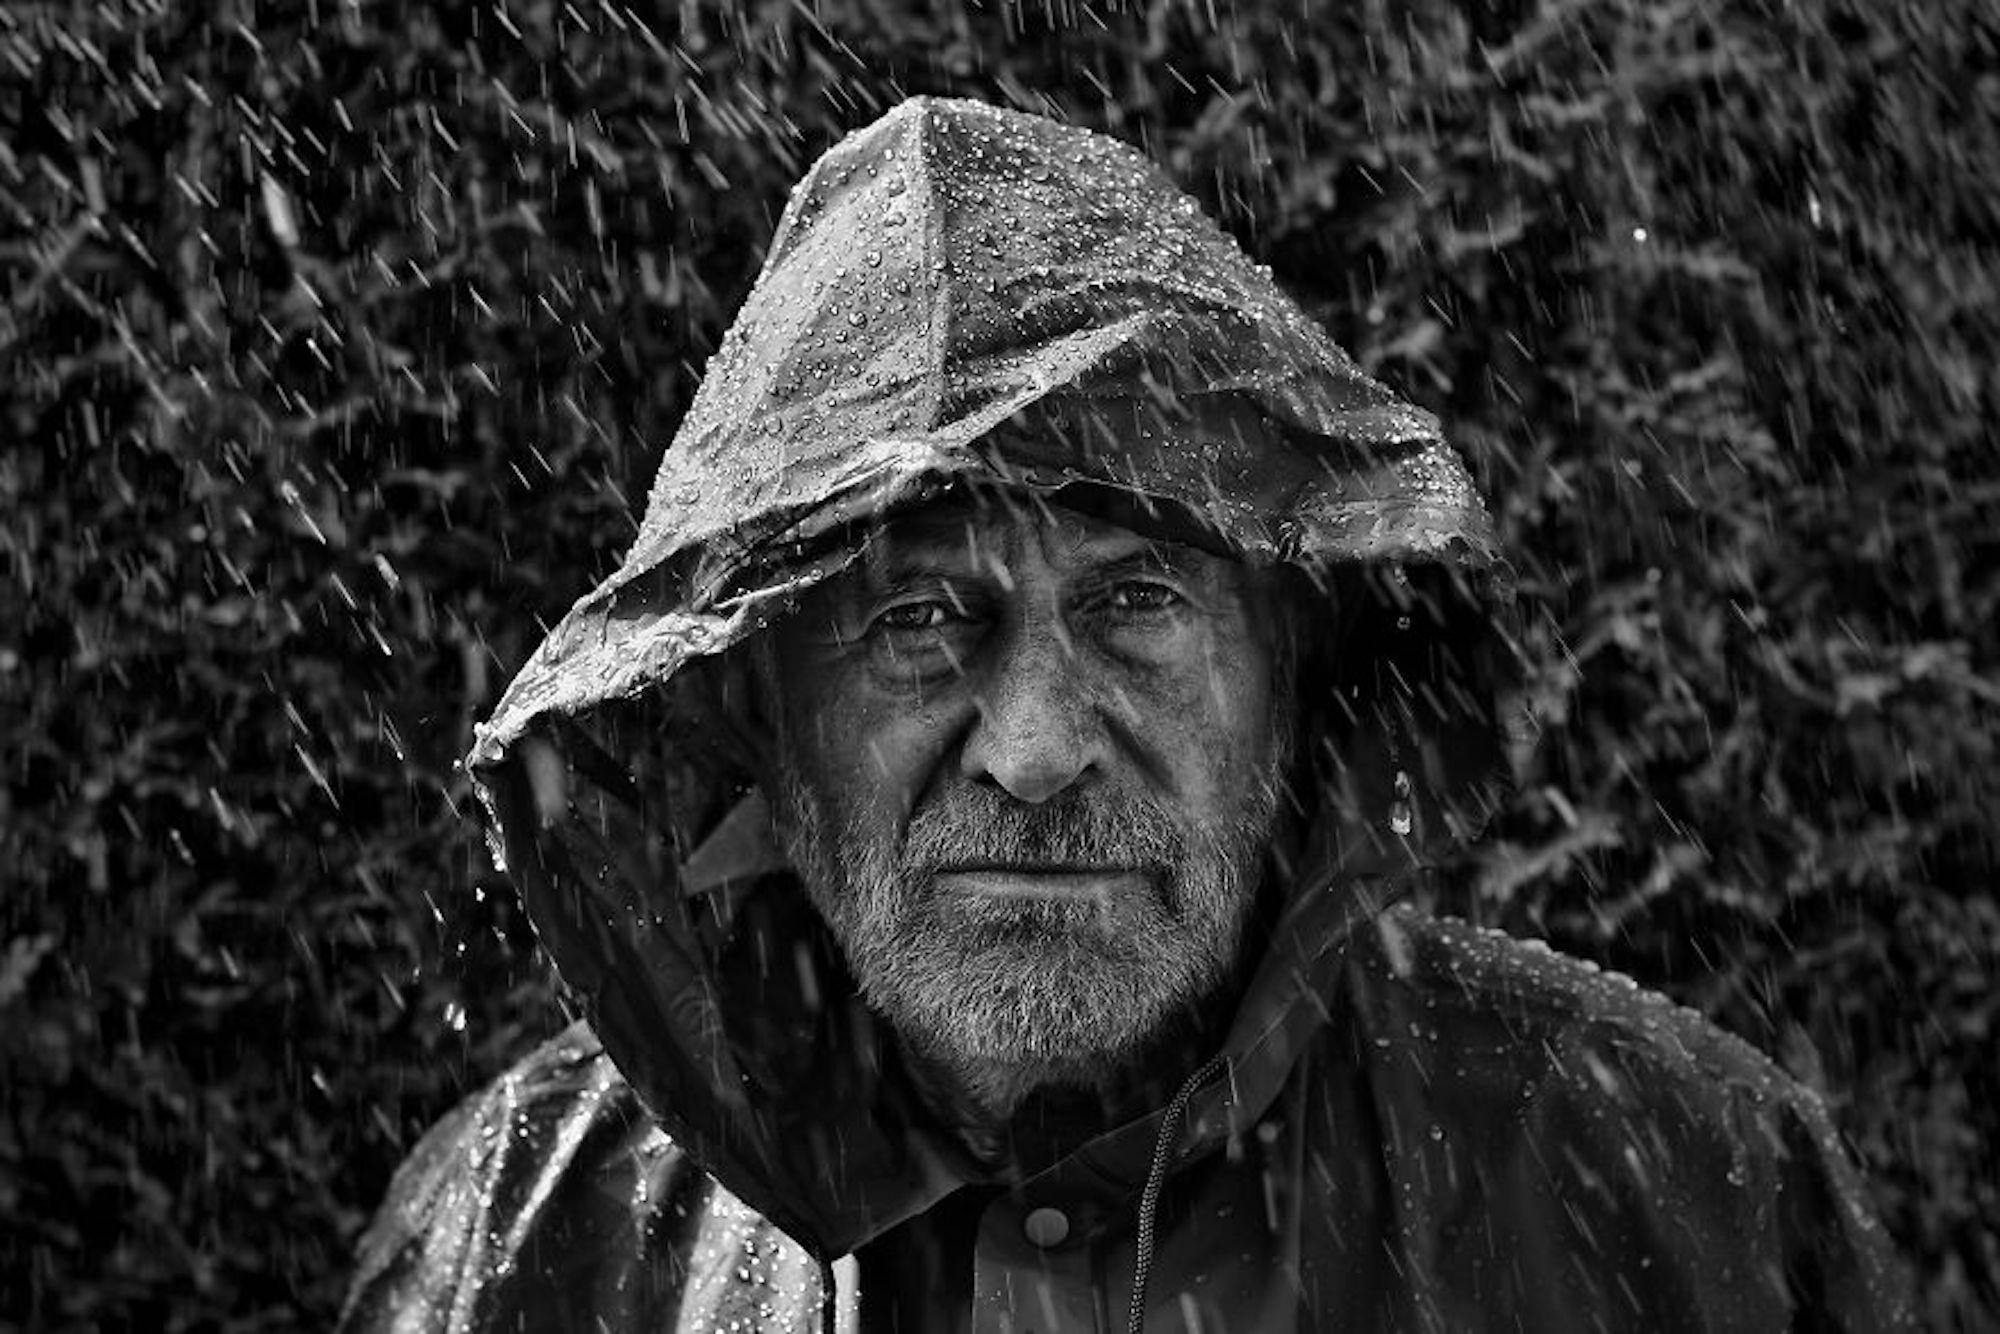 Poderoso retrato do pai do fotógrafo debaixo de chuva